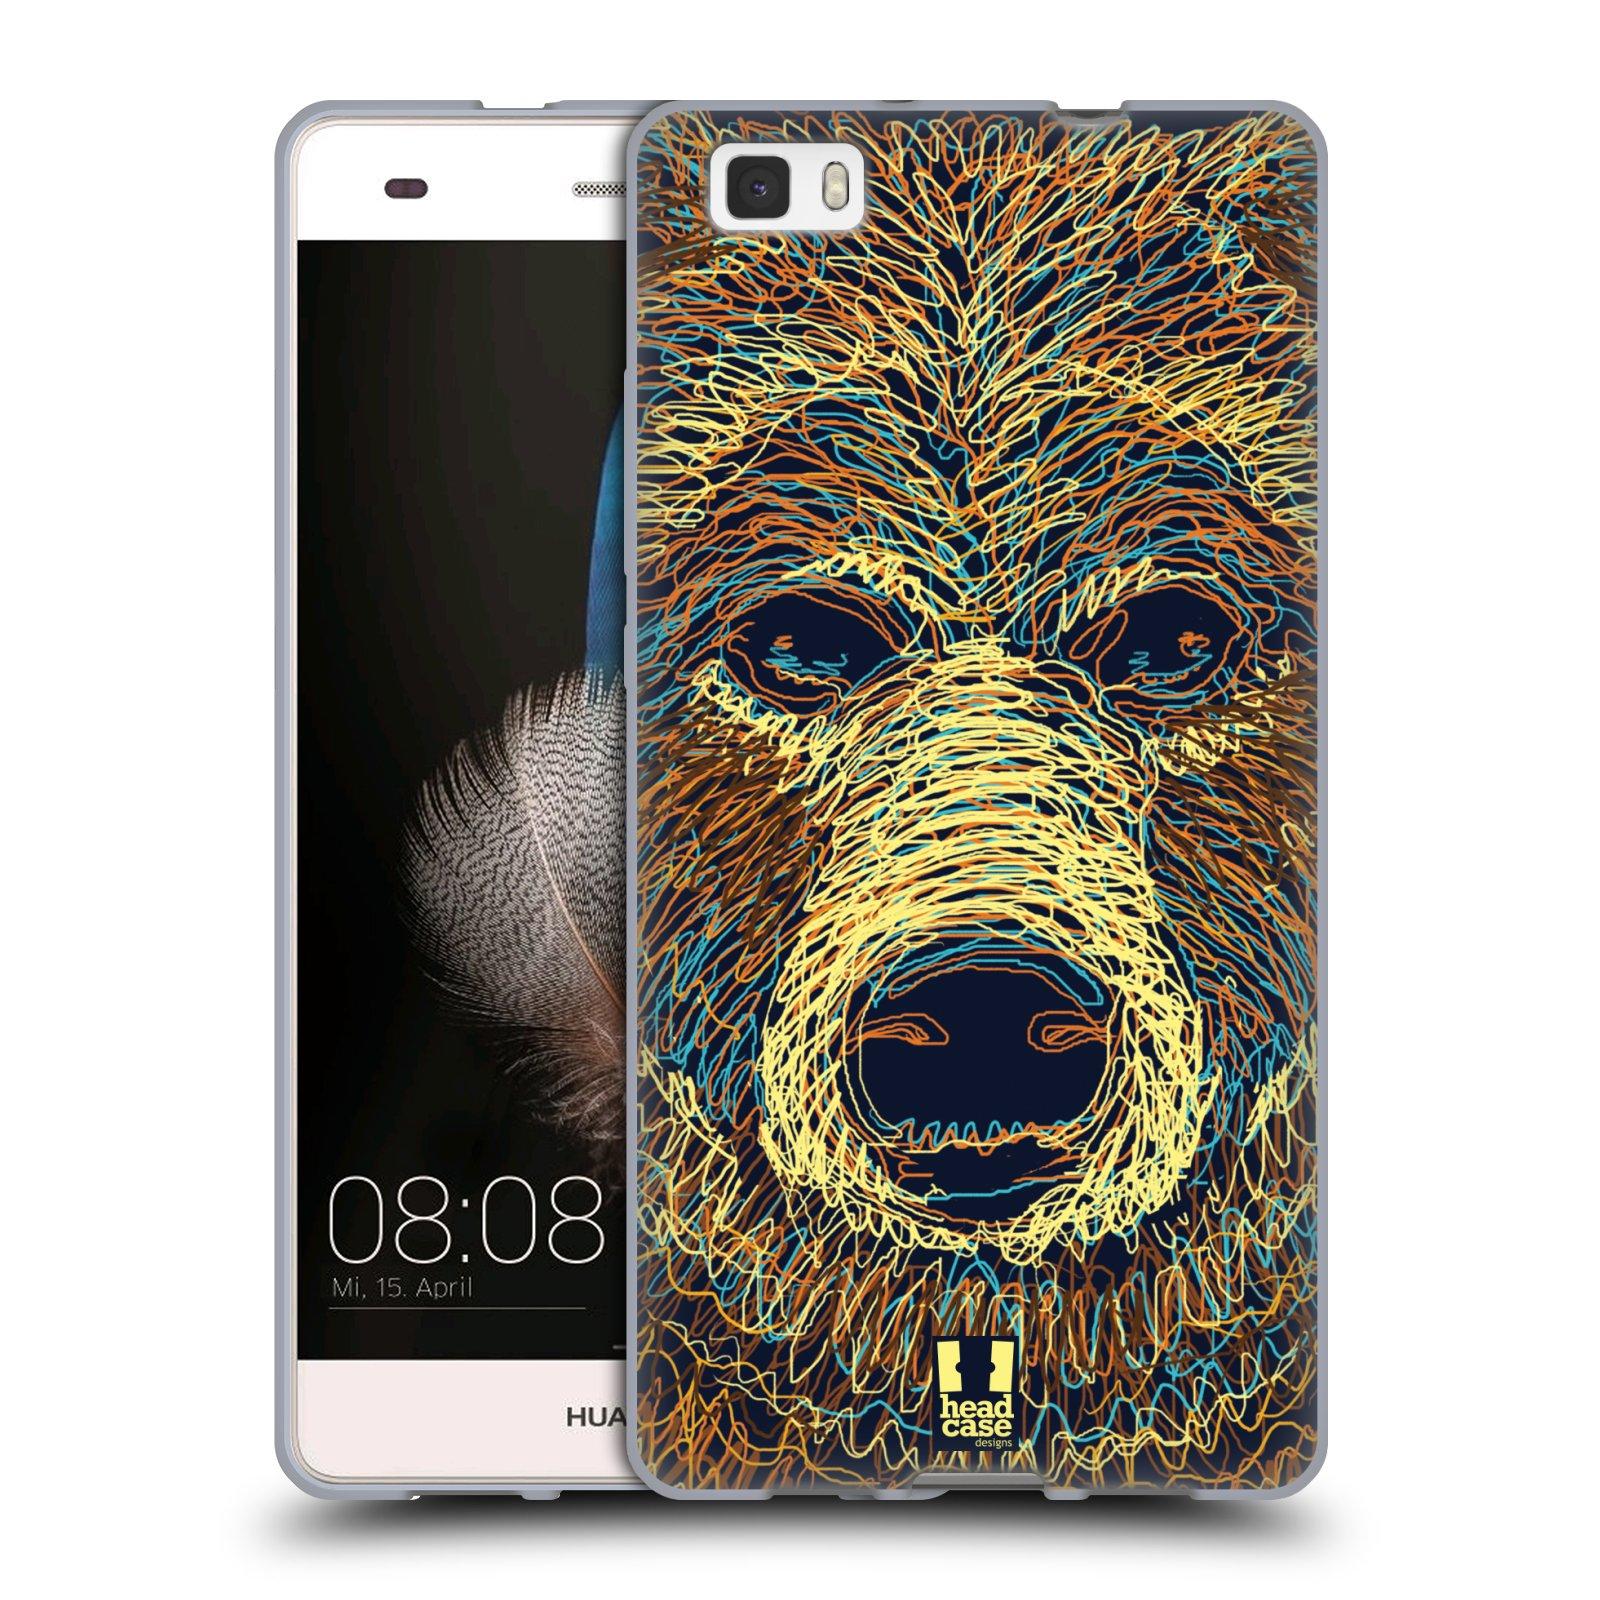 HEAD CASE silikonový obal na mobil HUAWEI P8 LITE vzor zvíře čmáranice medvěd